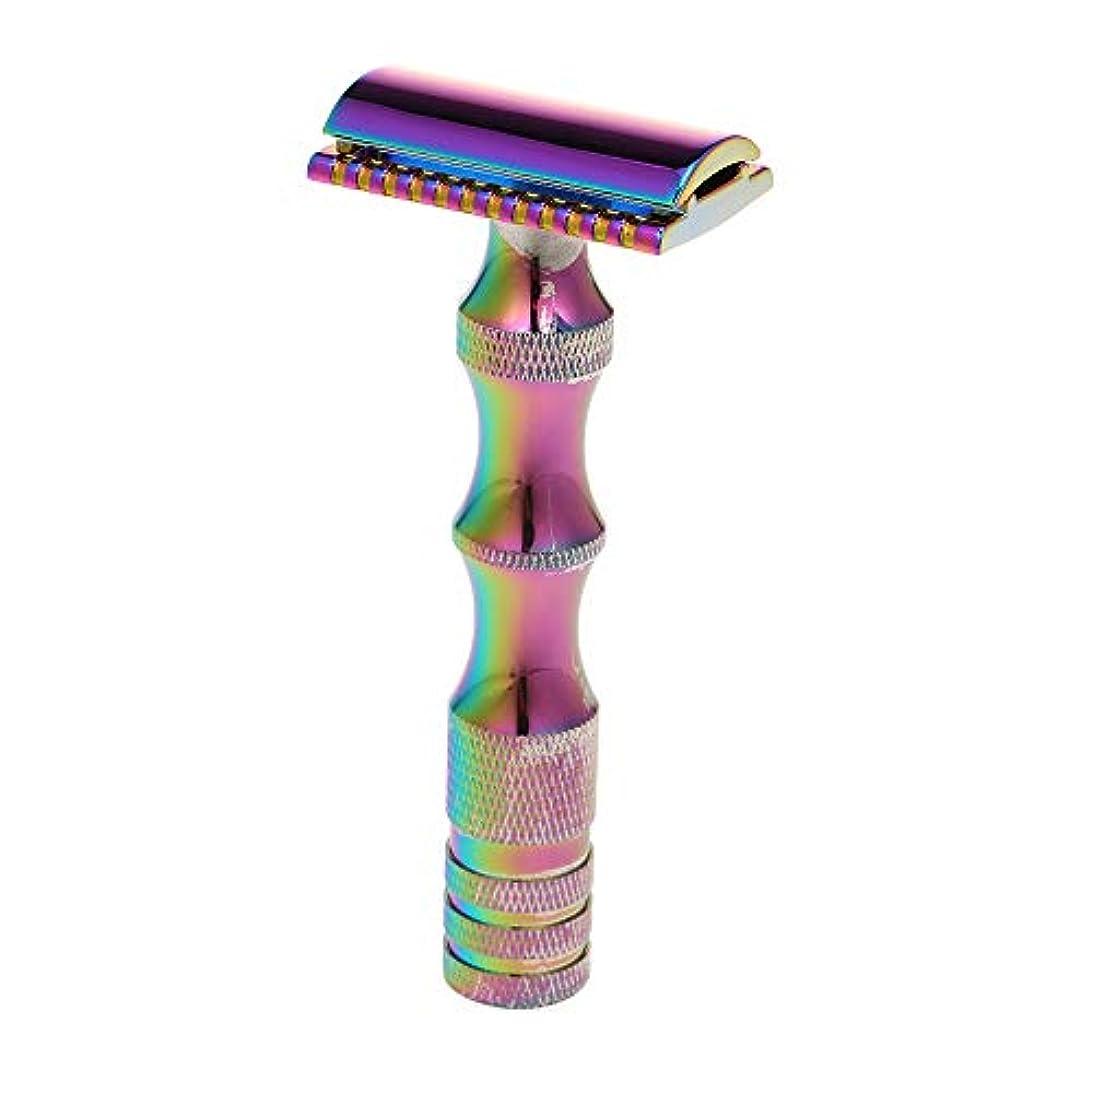 脳便宜更新Decdeal ダブルエッジシェービング カミソリ 安全 髭剃り シェービングツール